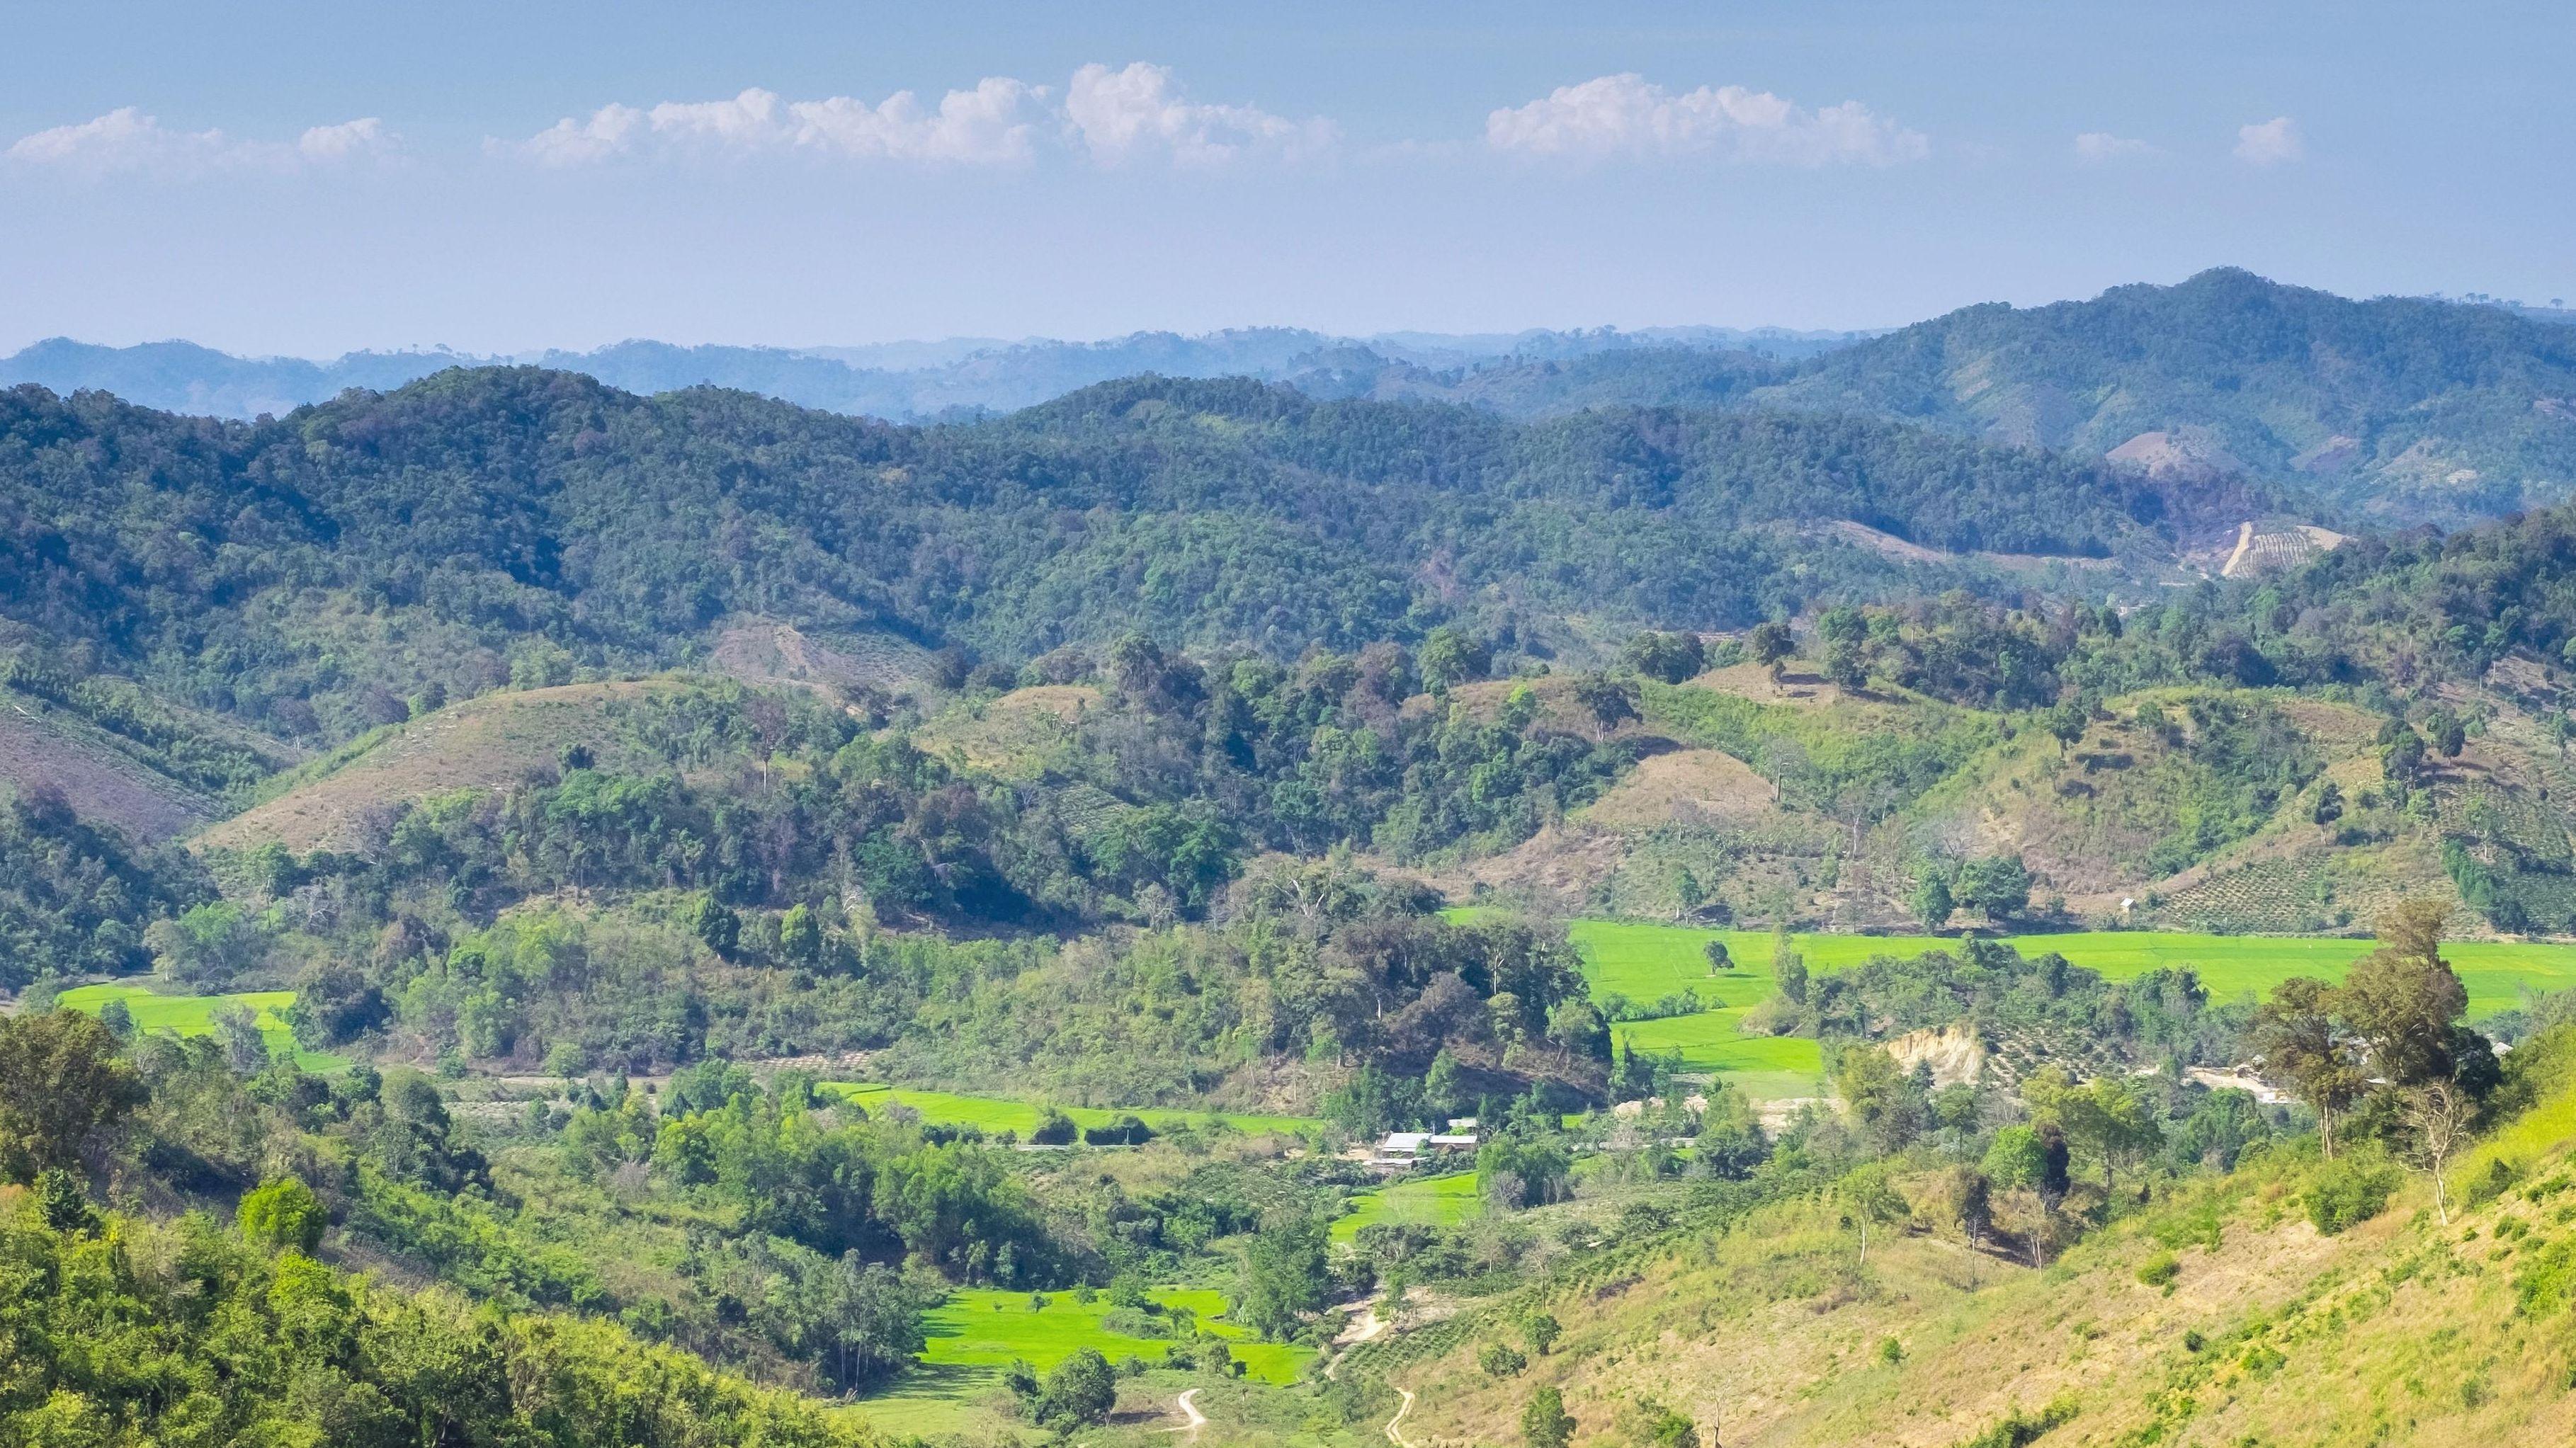 Hügeliges Hinterland in Vietnam